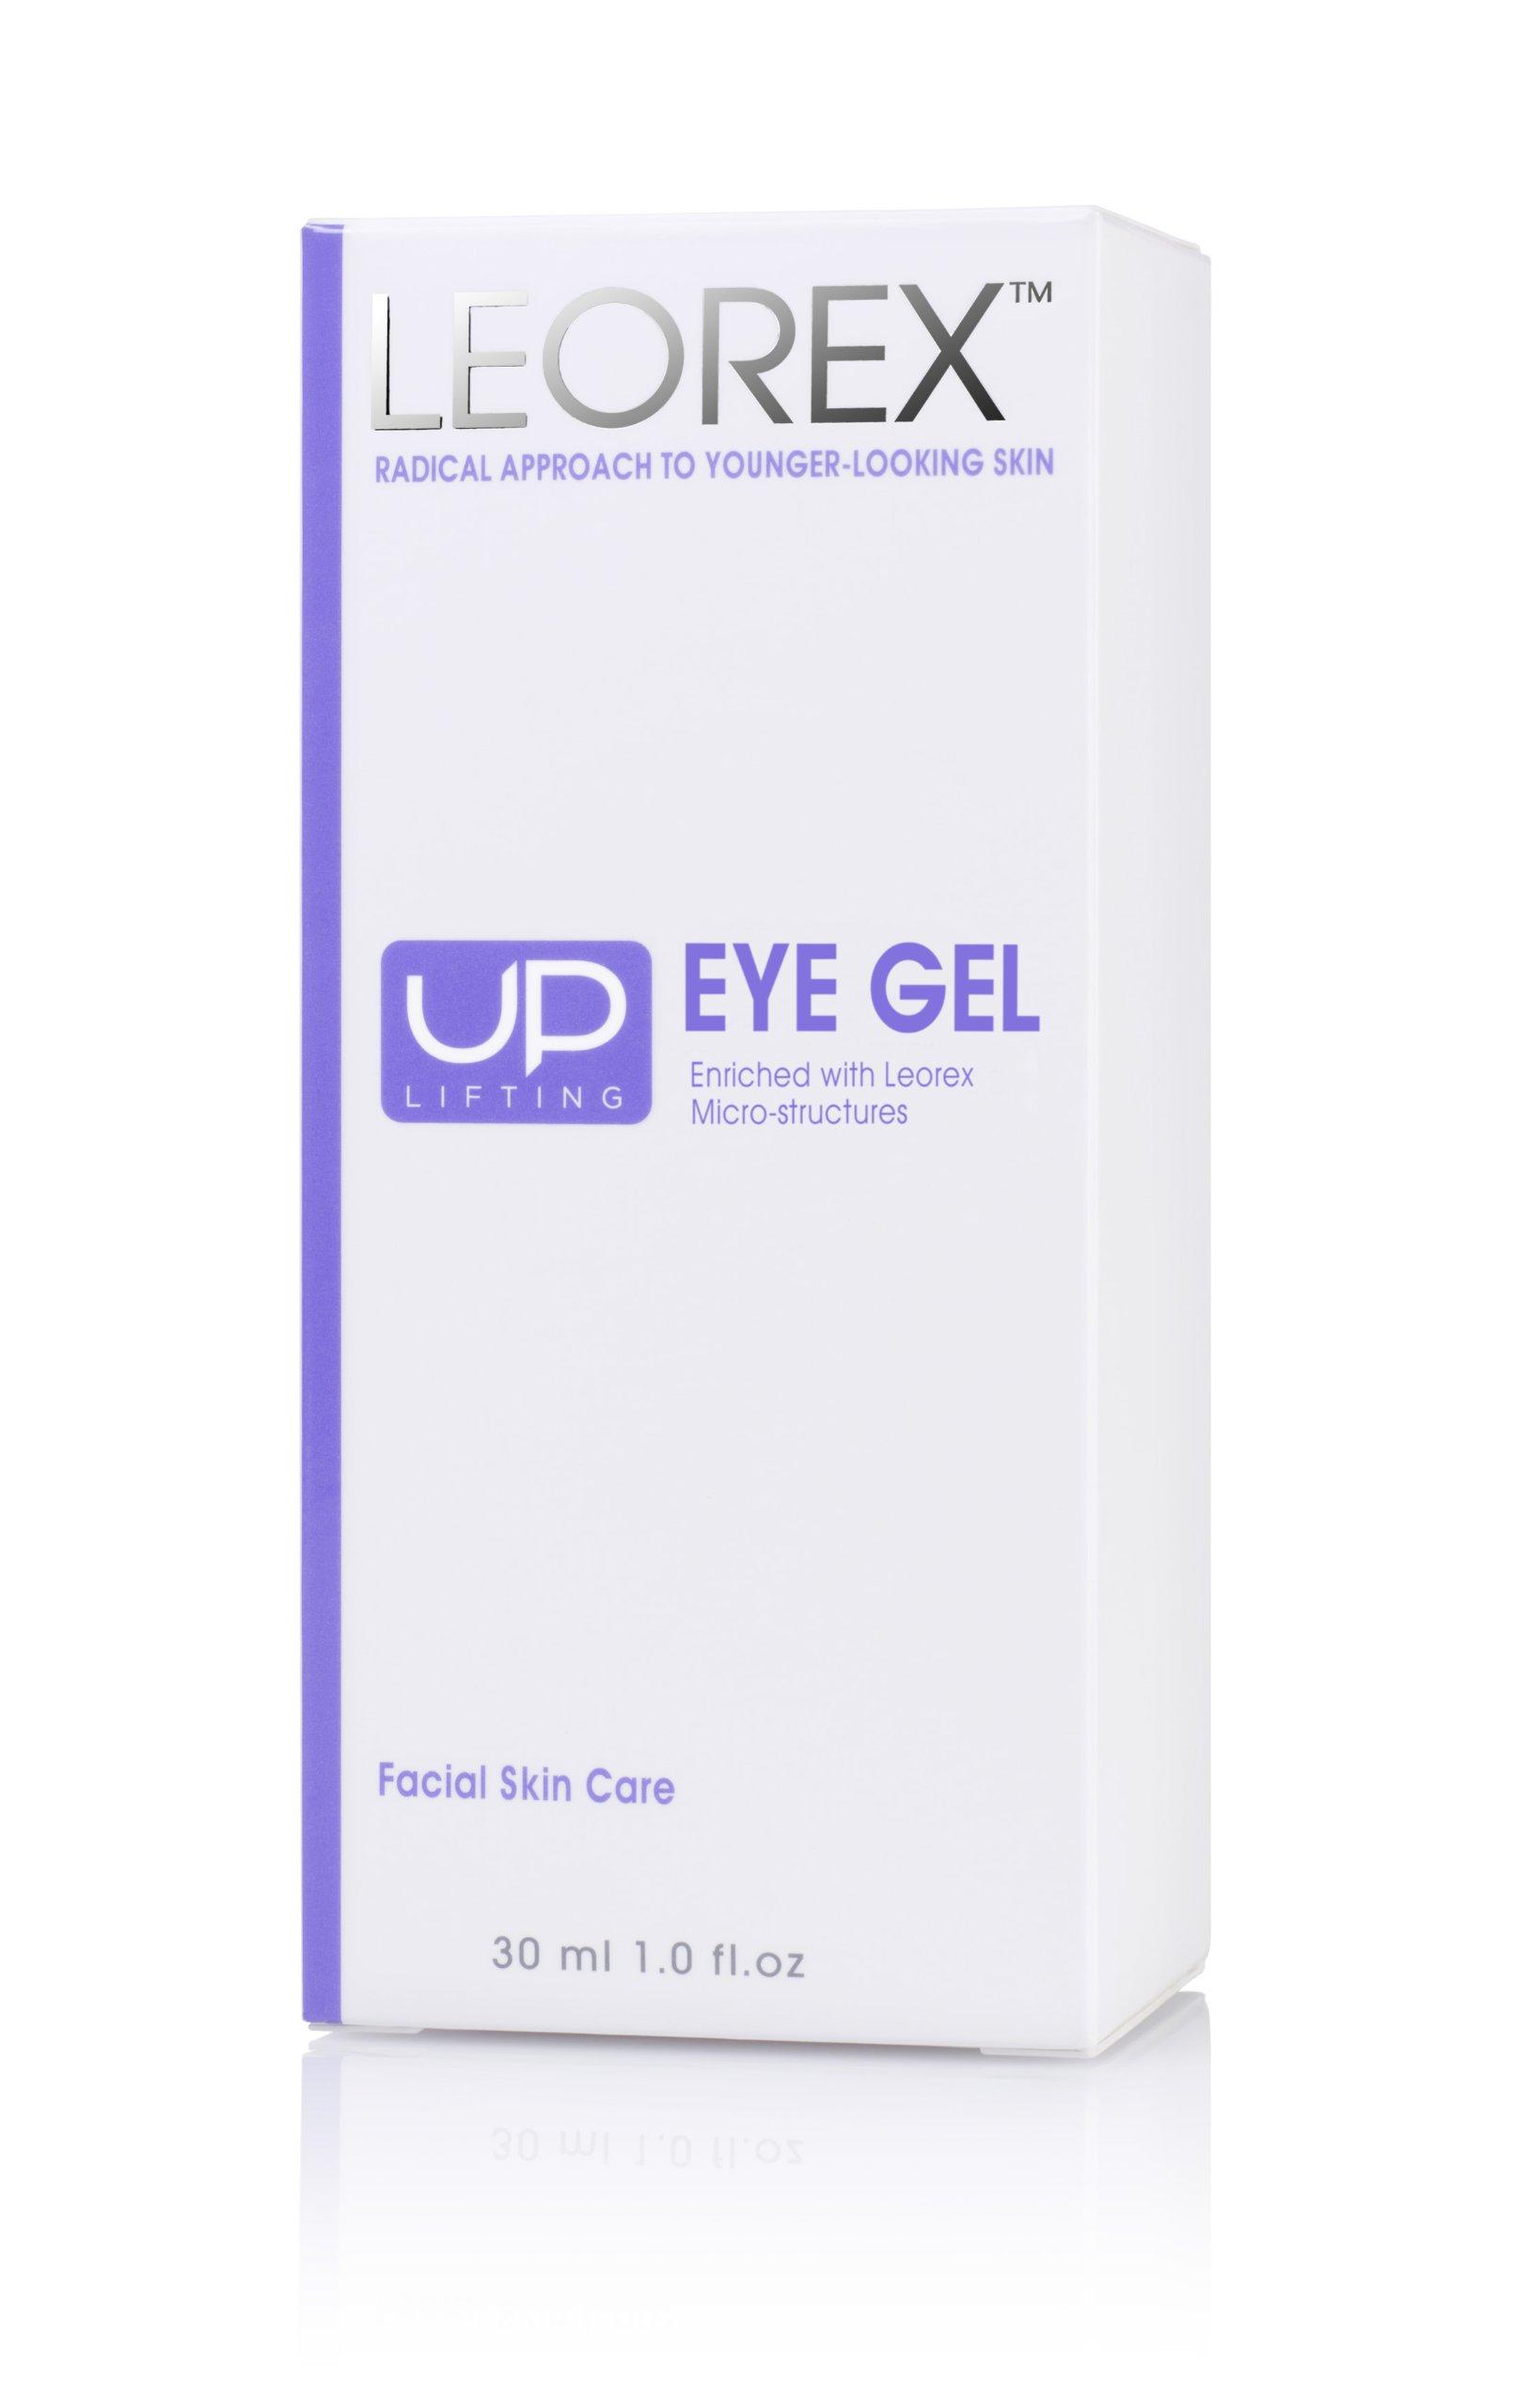 LEOREX UP Lifting Eye Gel Anti Wrinkle Wrinkles